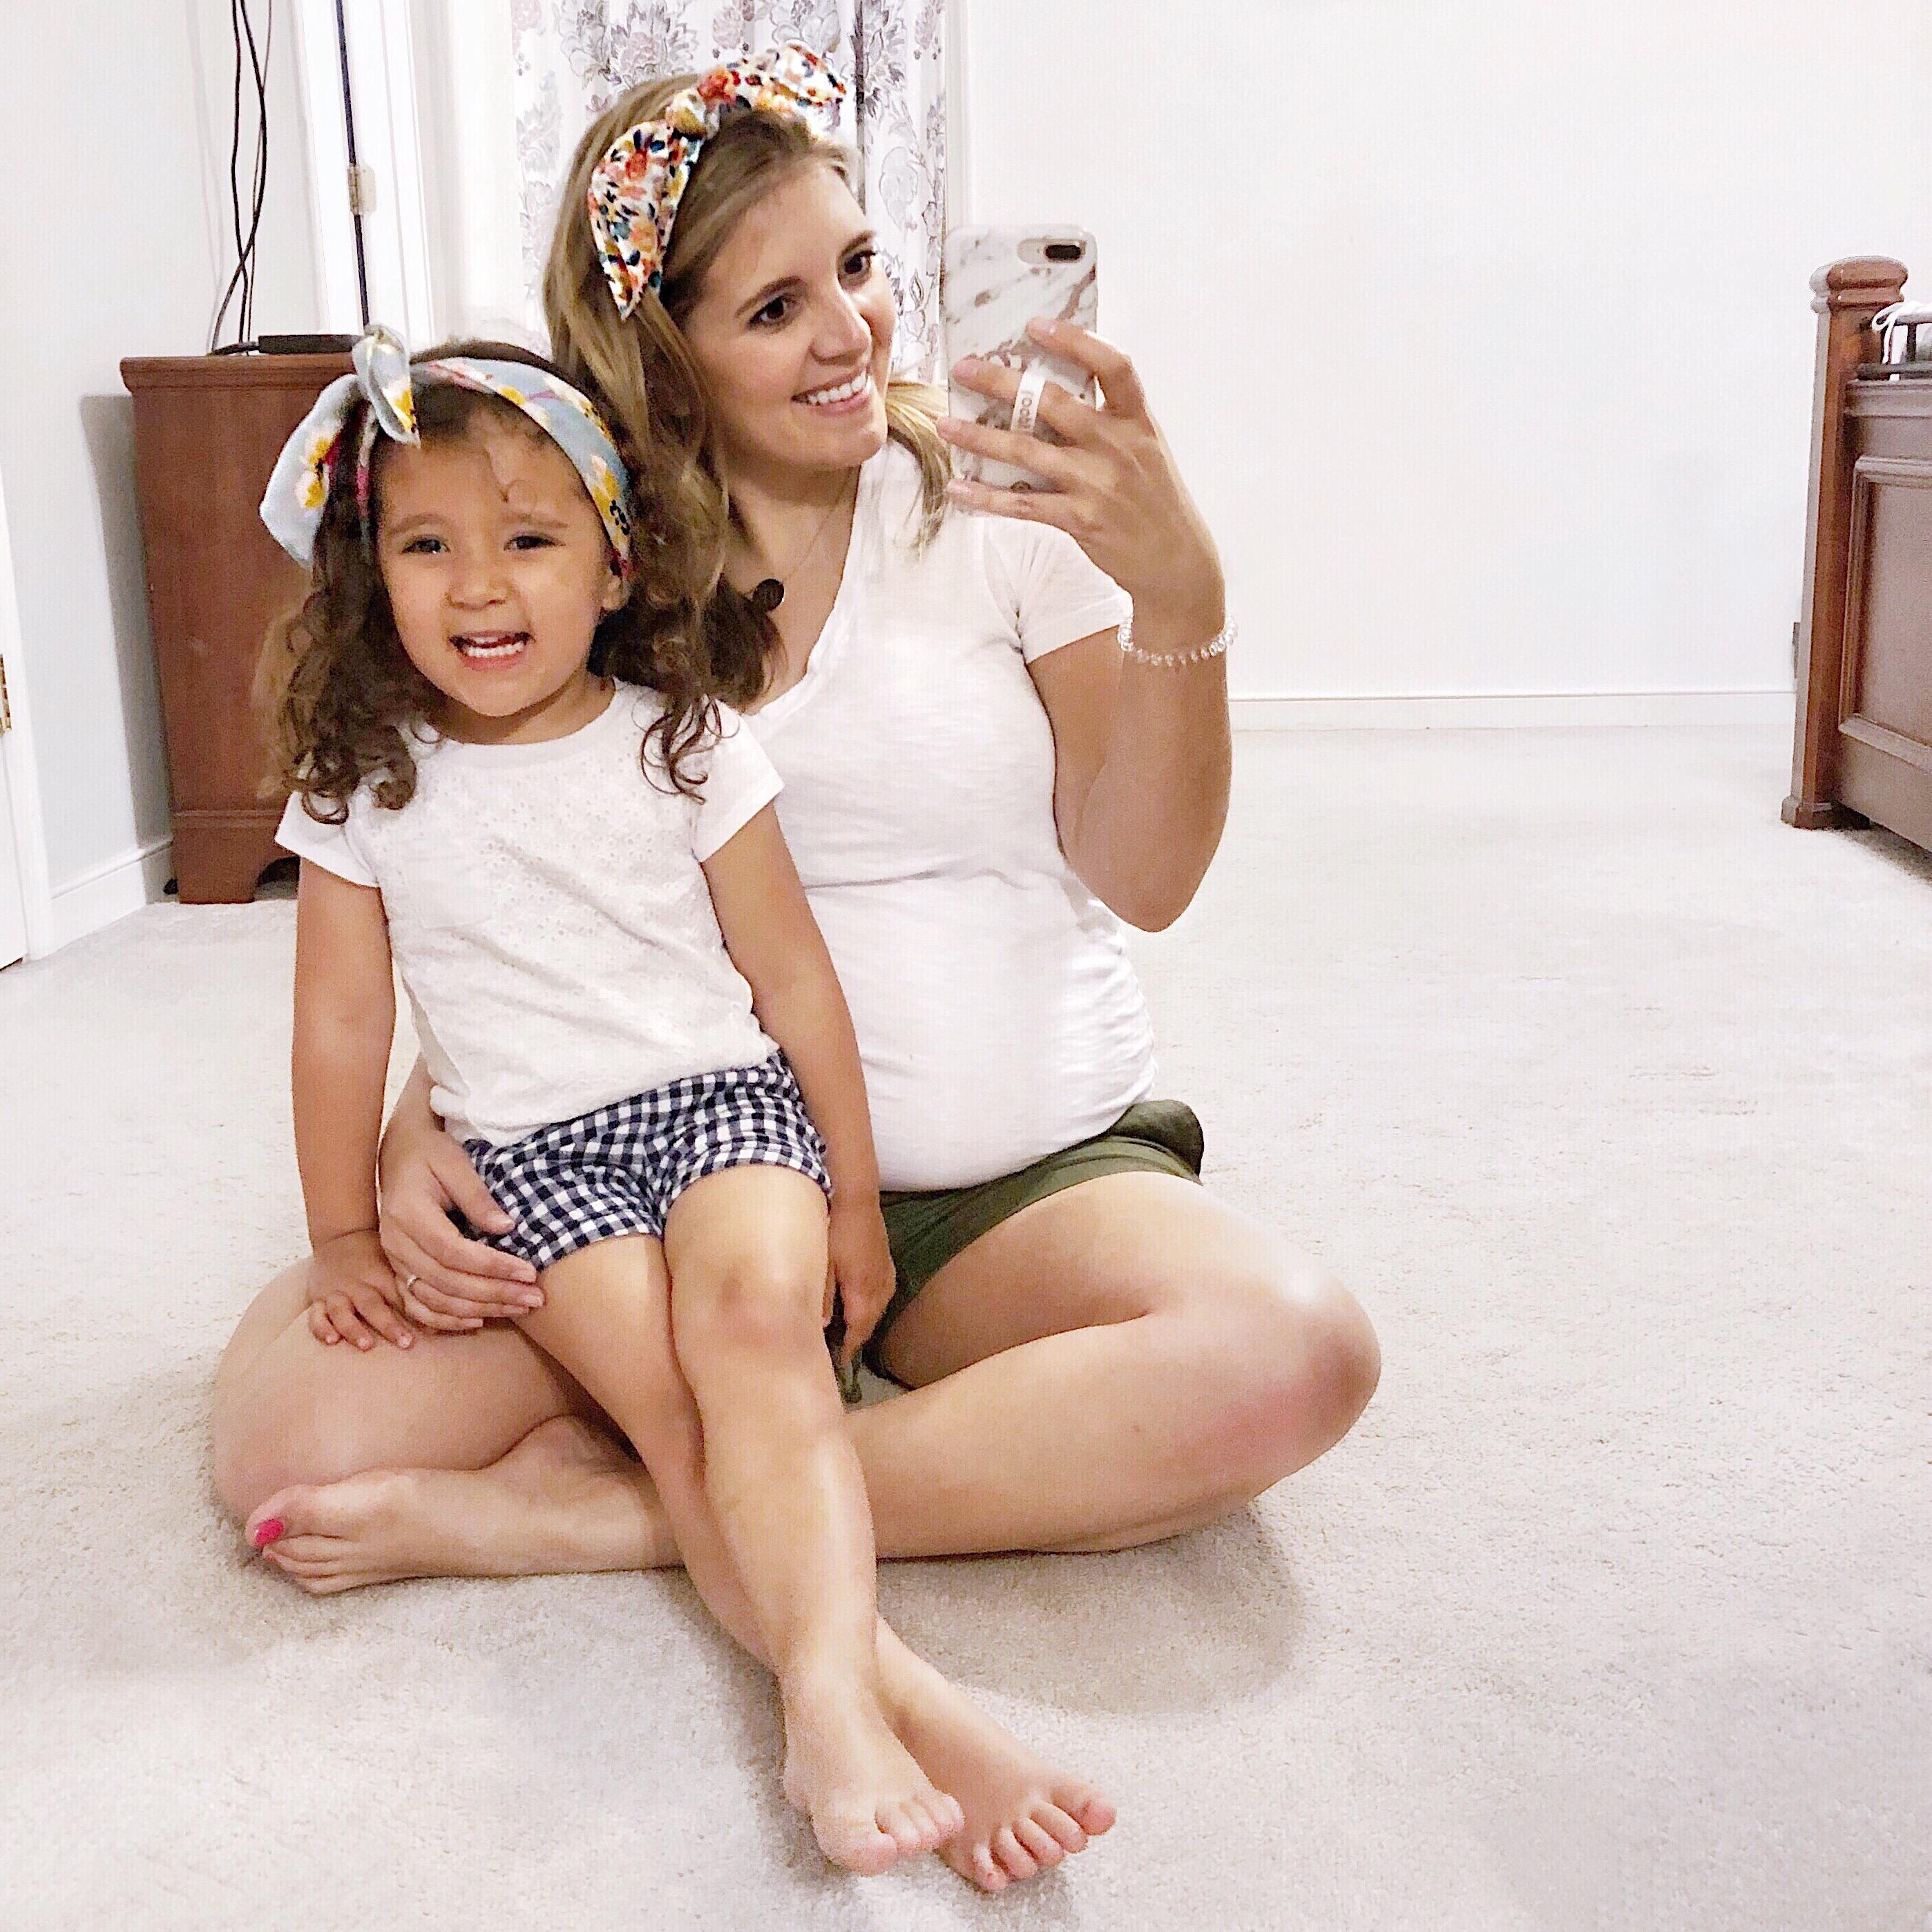 25 weeks pregnant - 25 weeks bumpdate | bylaurenm.com